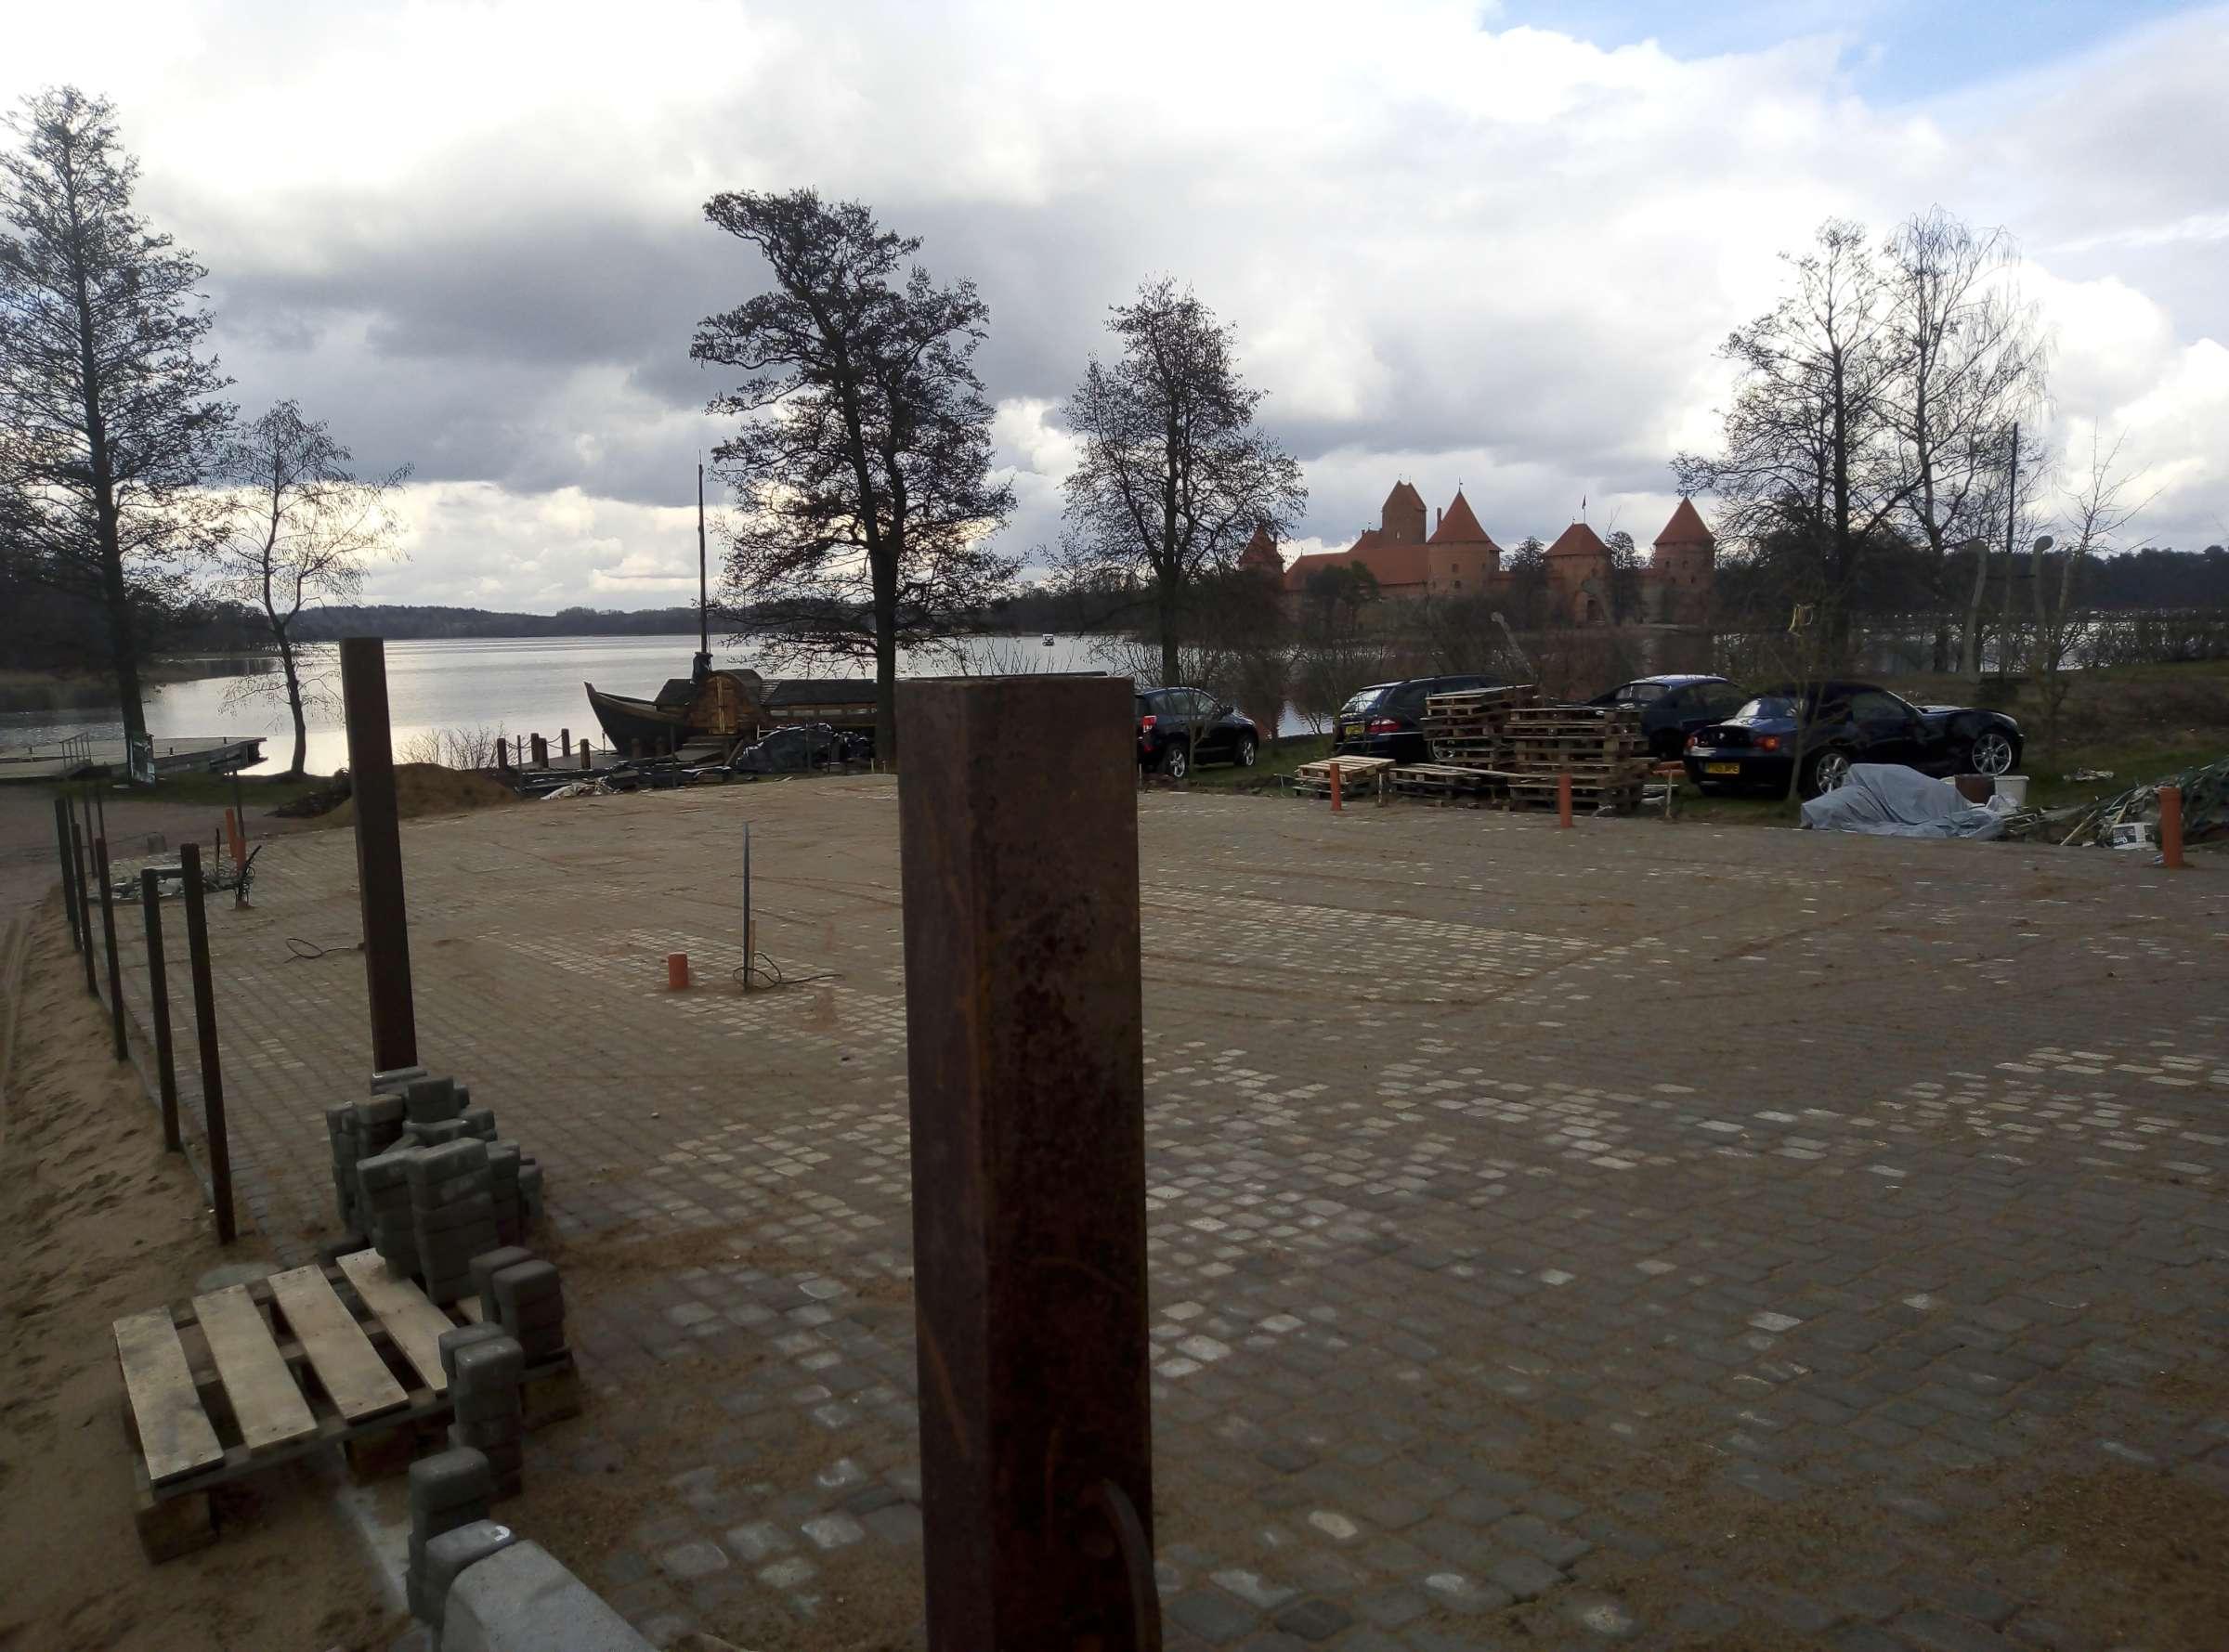 Trakų istorinio nacionalinio parko direkcijos nuotr.